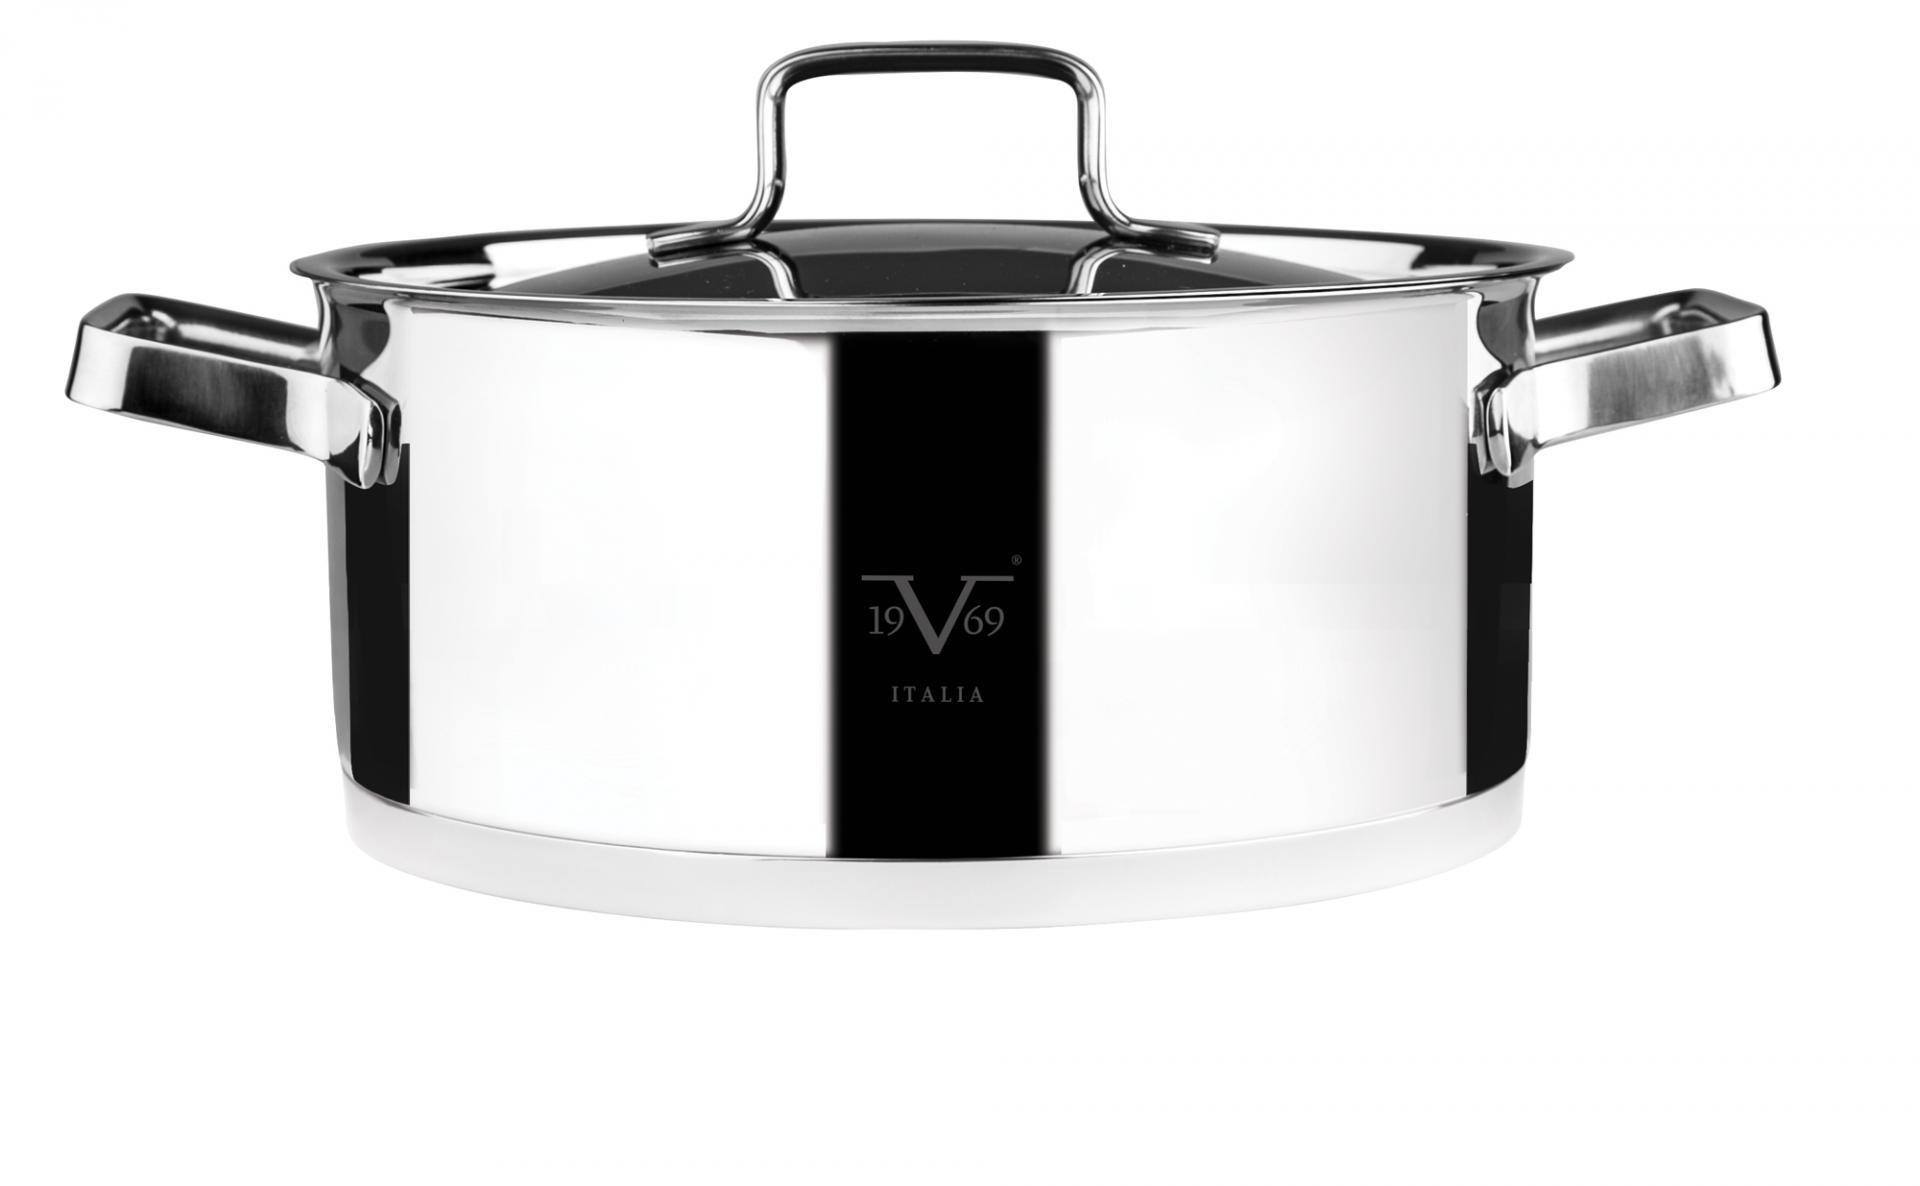 Ημίχυτρα Opera 28cm Versace 19V69 Italia home   σκευη μαγειρικης   κατσαρόλες χύτρες